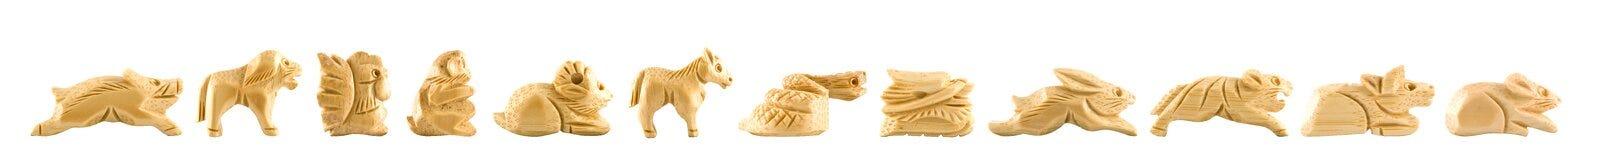 中国符号木雕 免版税库存照片